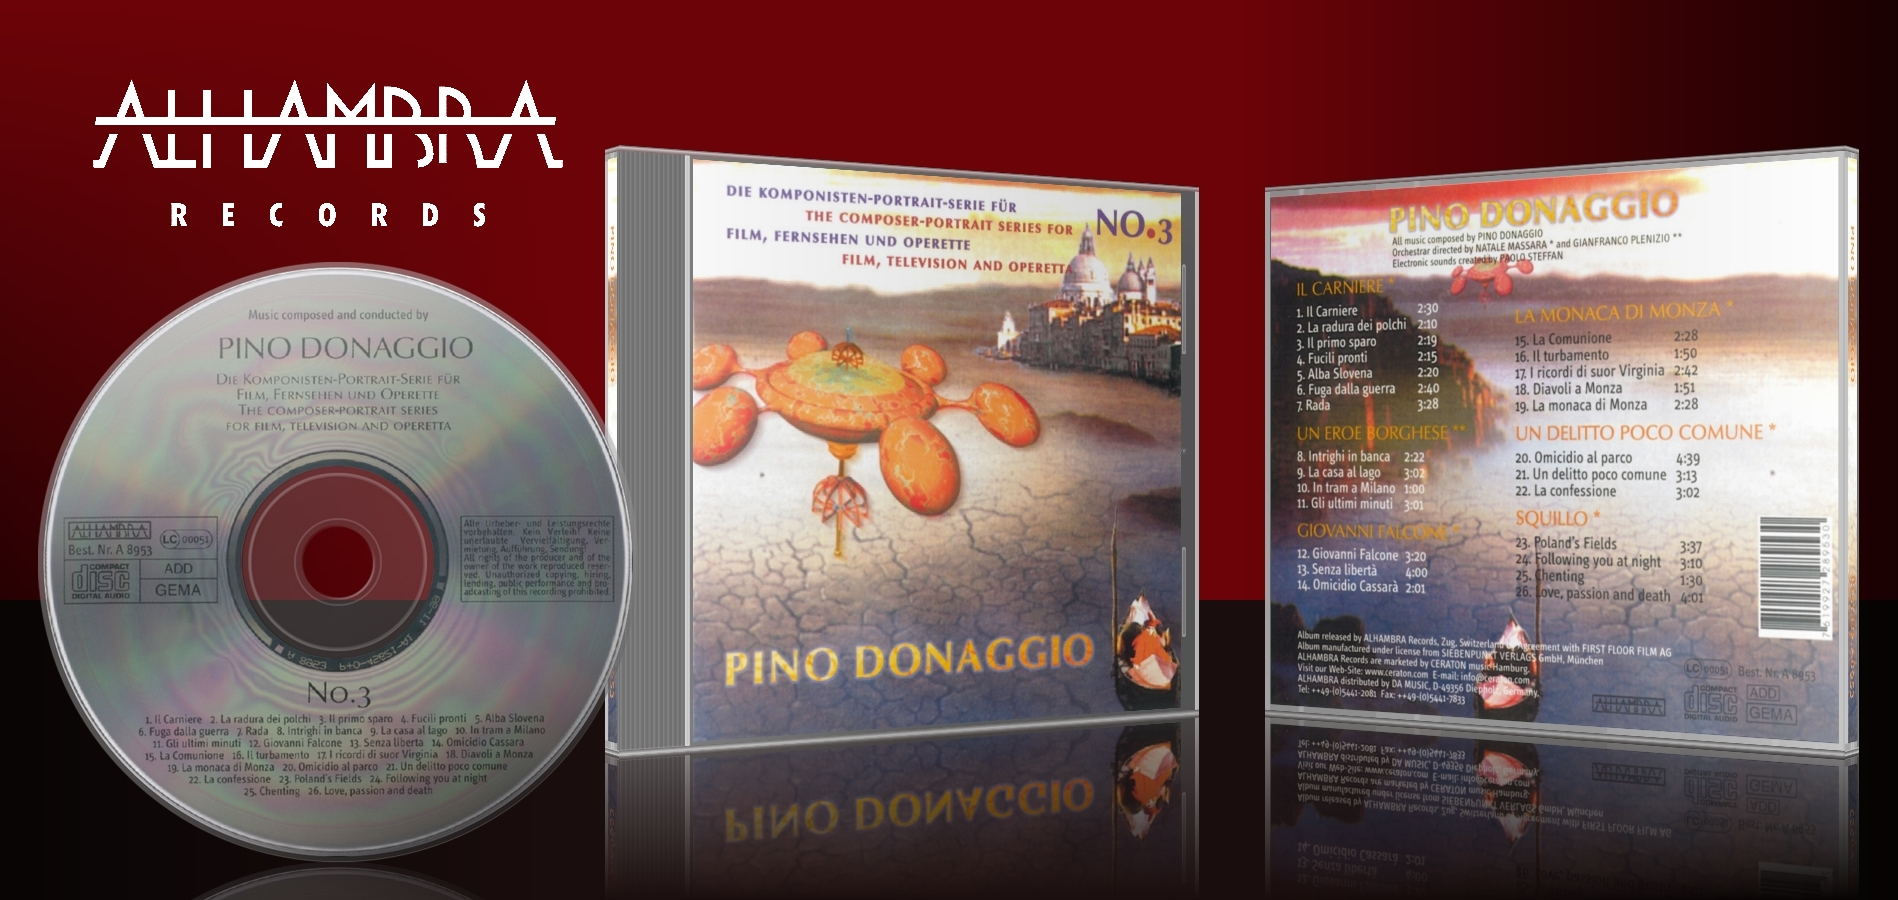 Die Komponisten-Portrait Serie für Film, Fernsehen und Operette Vol. 3 – Pino Donaggio